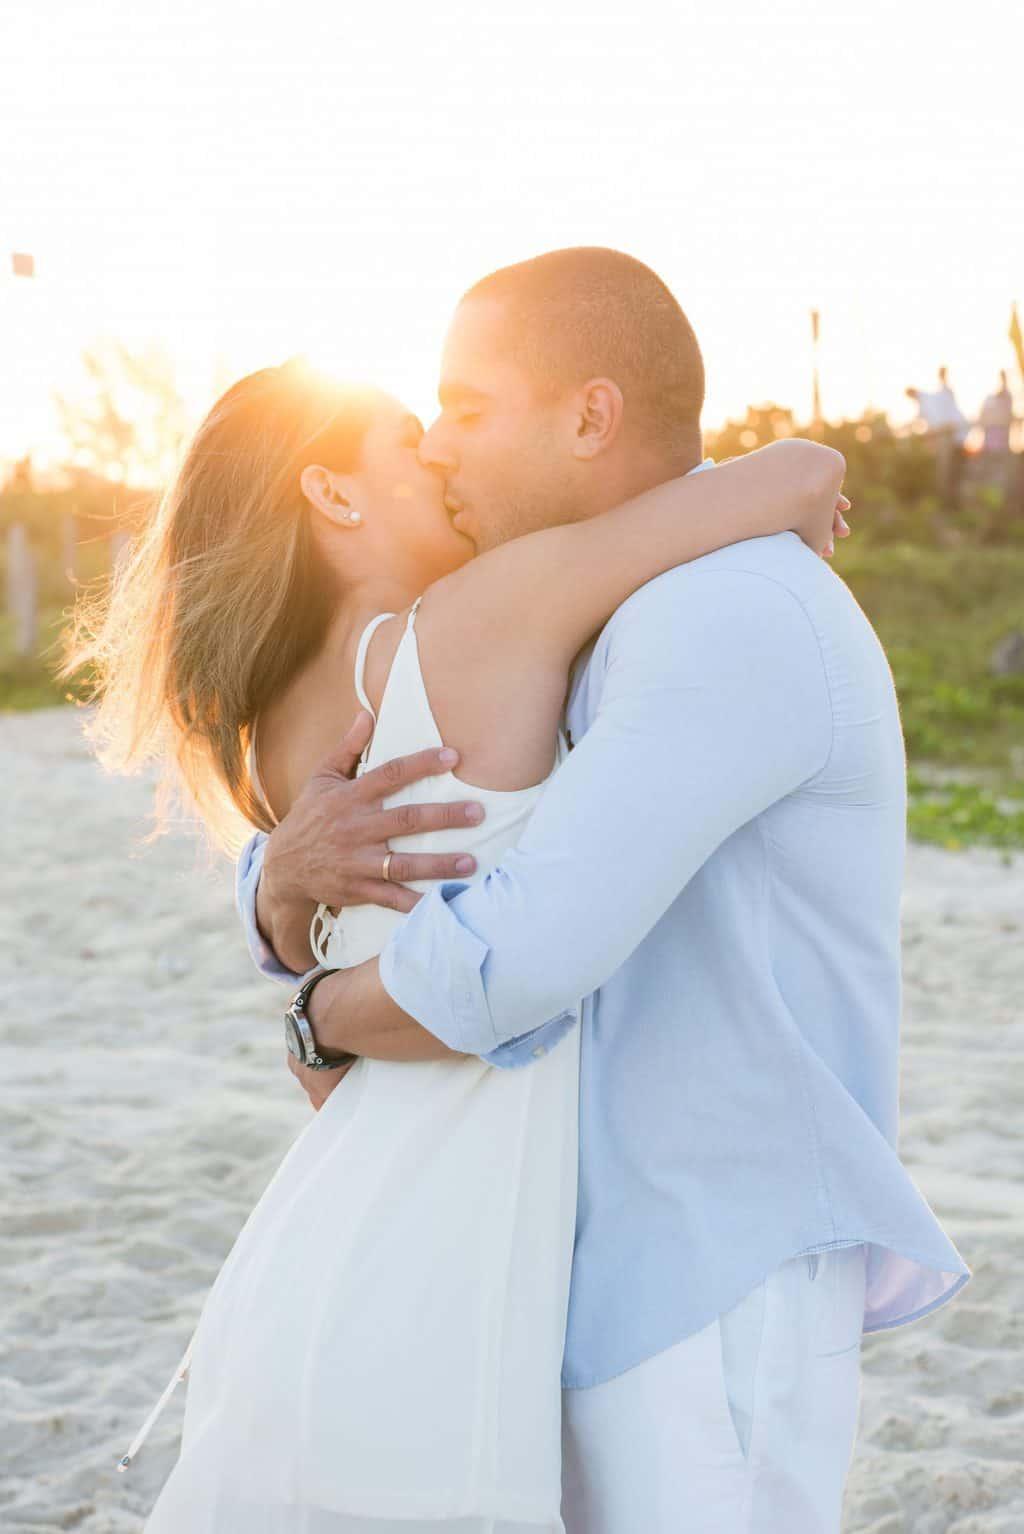 Pre-Wedding_8037Ensaio-fotográfico-Marina-Fava-Poses-CaseMe4912-x-7360